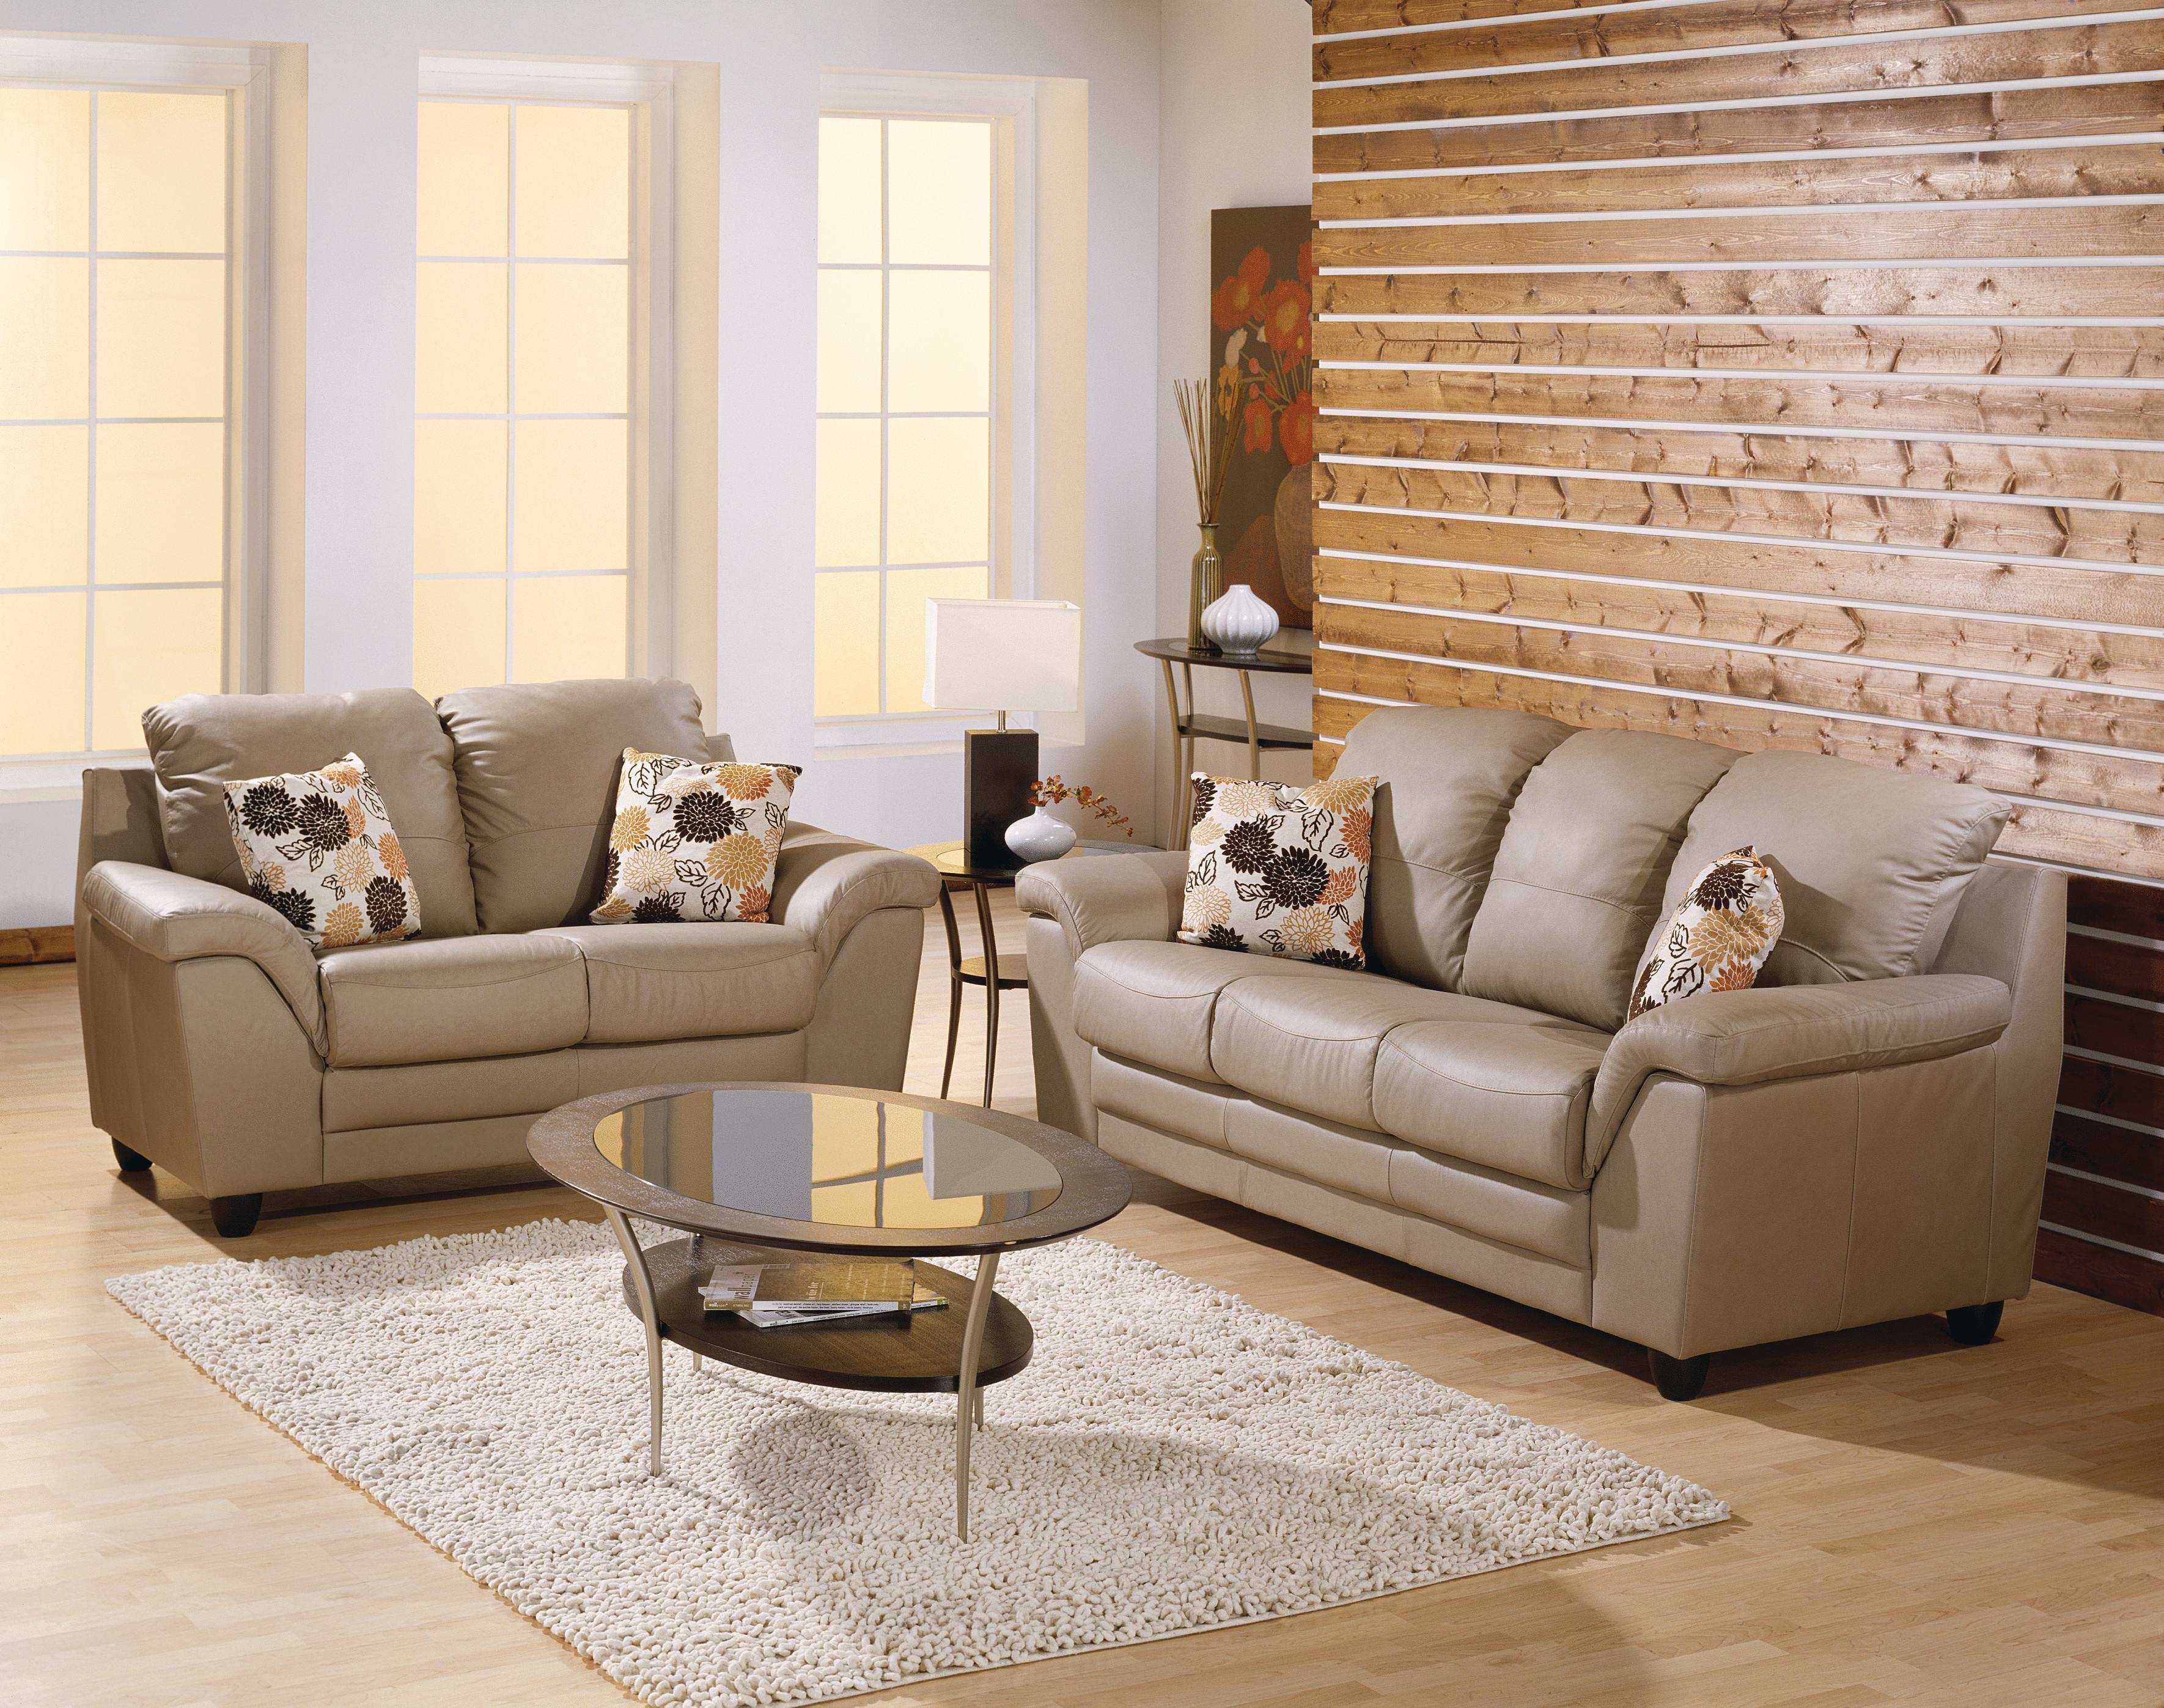 Palliser Sirus Stationary Living Room Group Boulevard Home Furnishings Upholstery Group